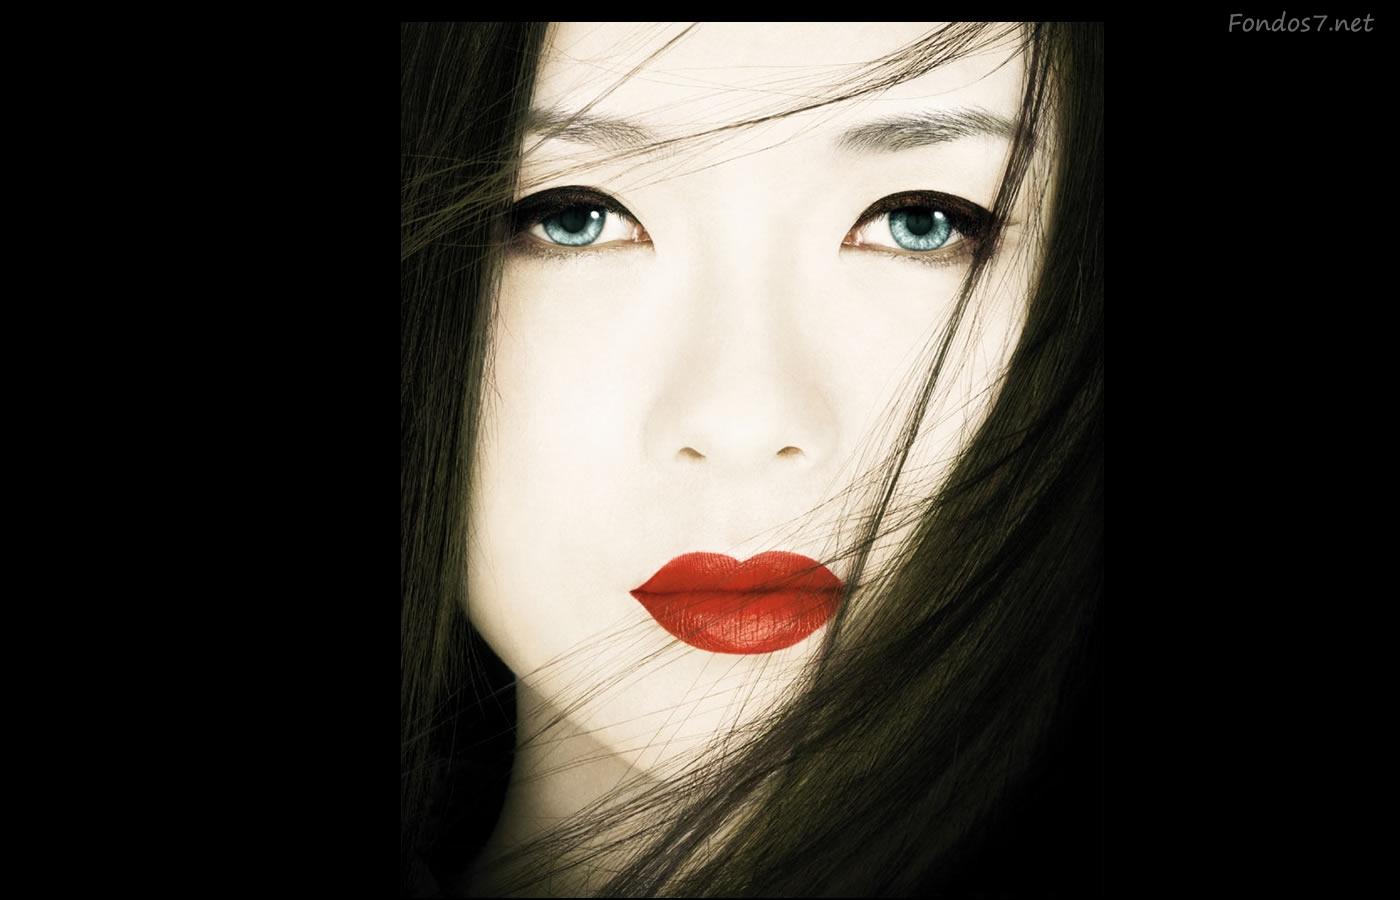 Descargar Fondos de pantalla wallpaper de geisha hd widescreen Gratis 1400x900